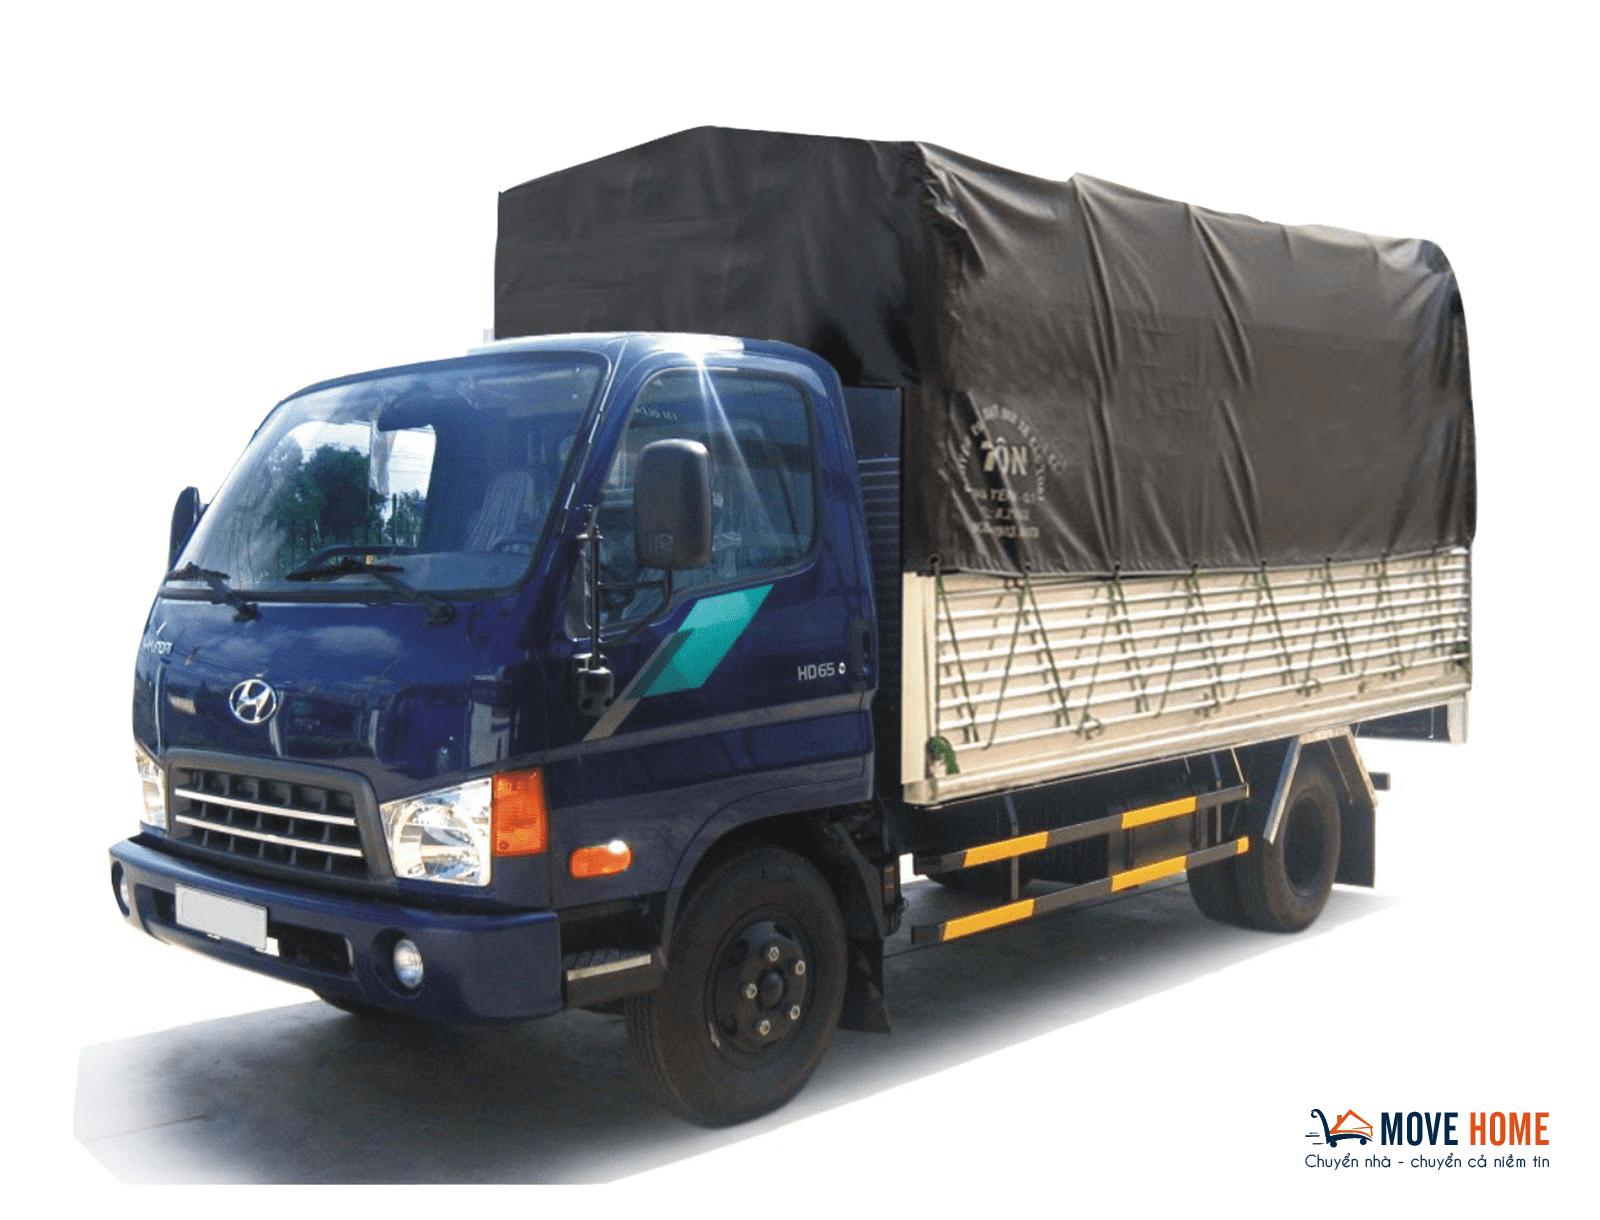 Nên thuê xe tải tự lái hay xe tải có tài xế